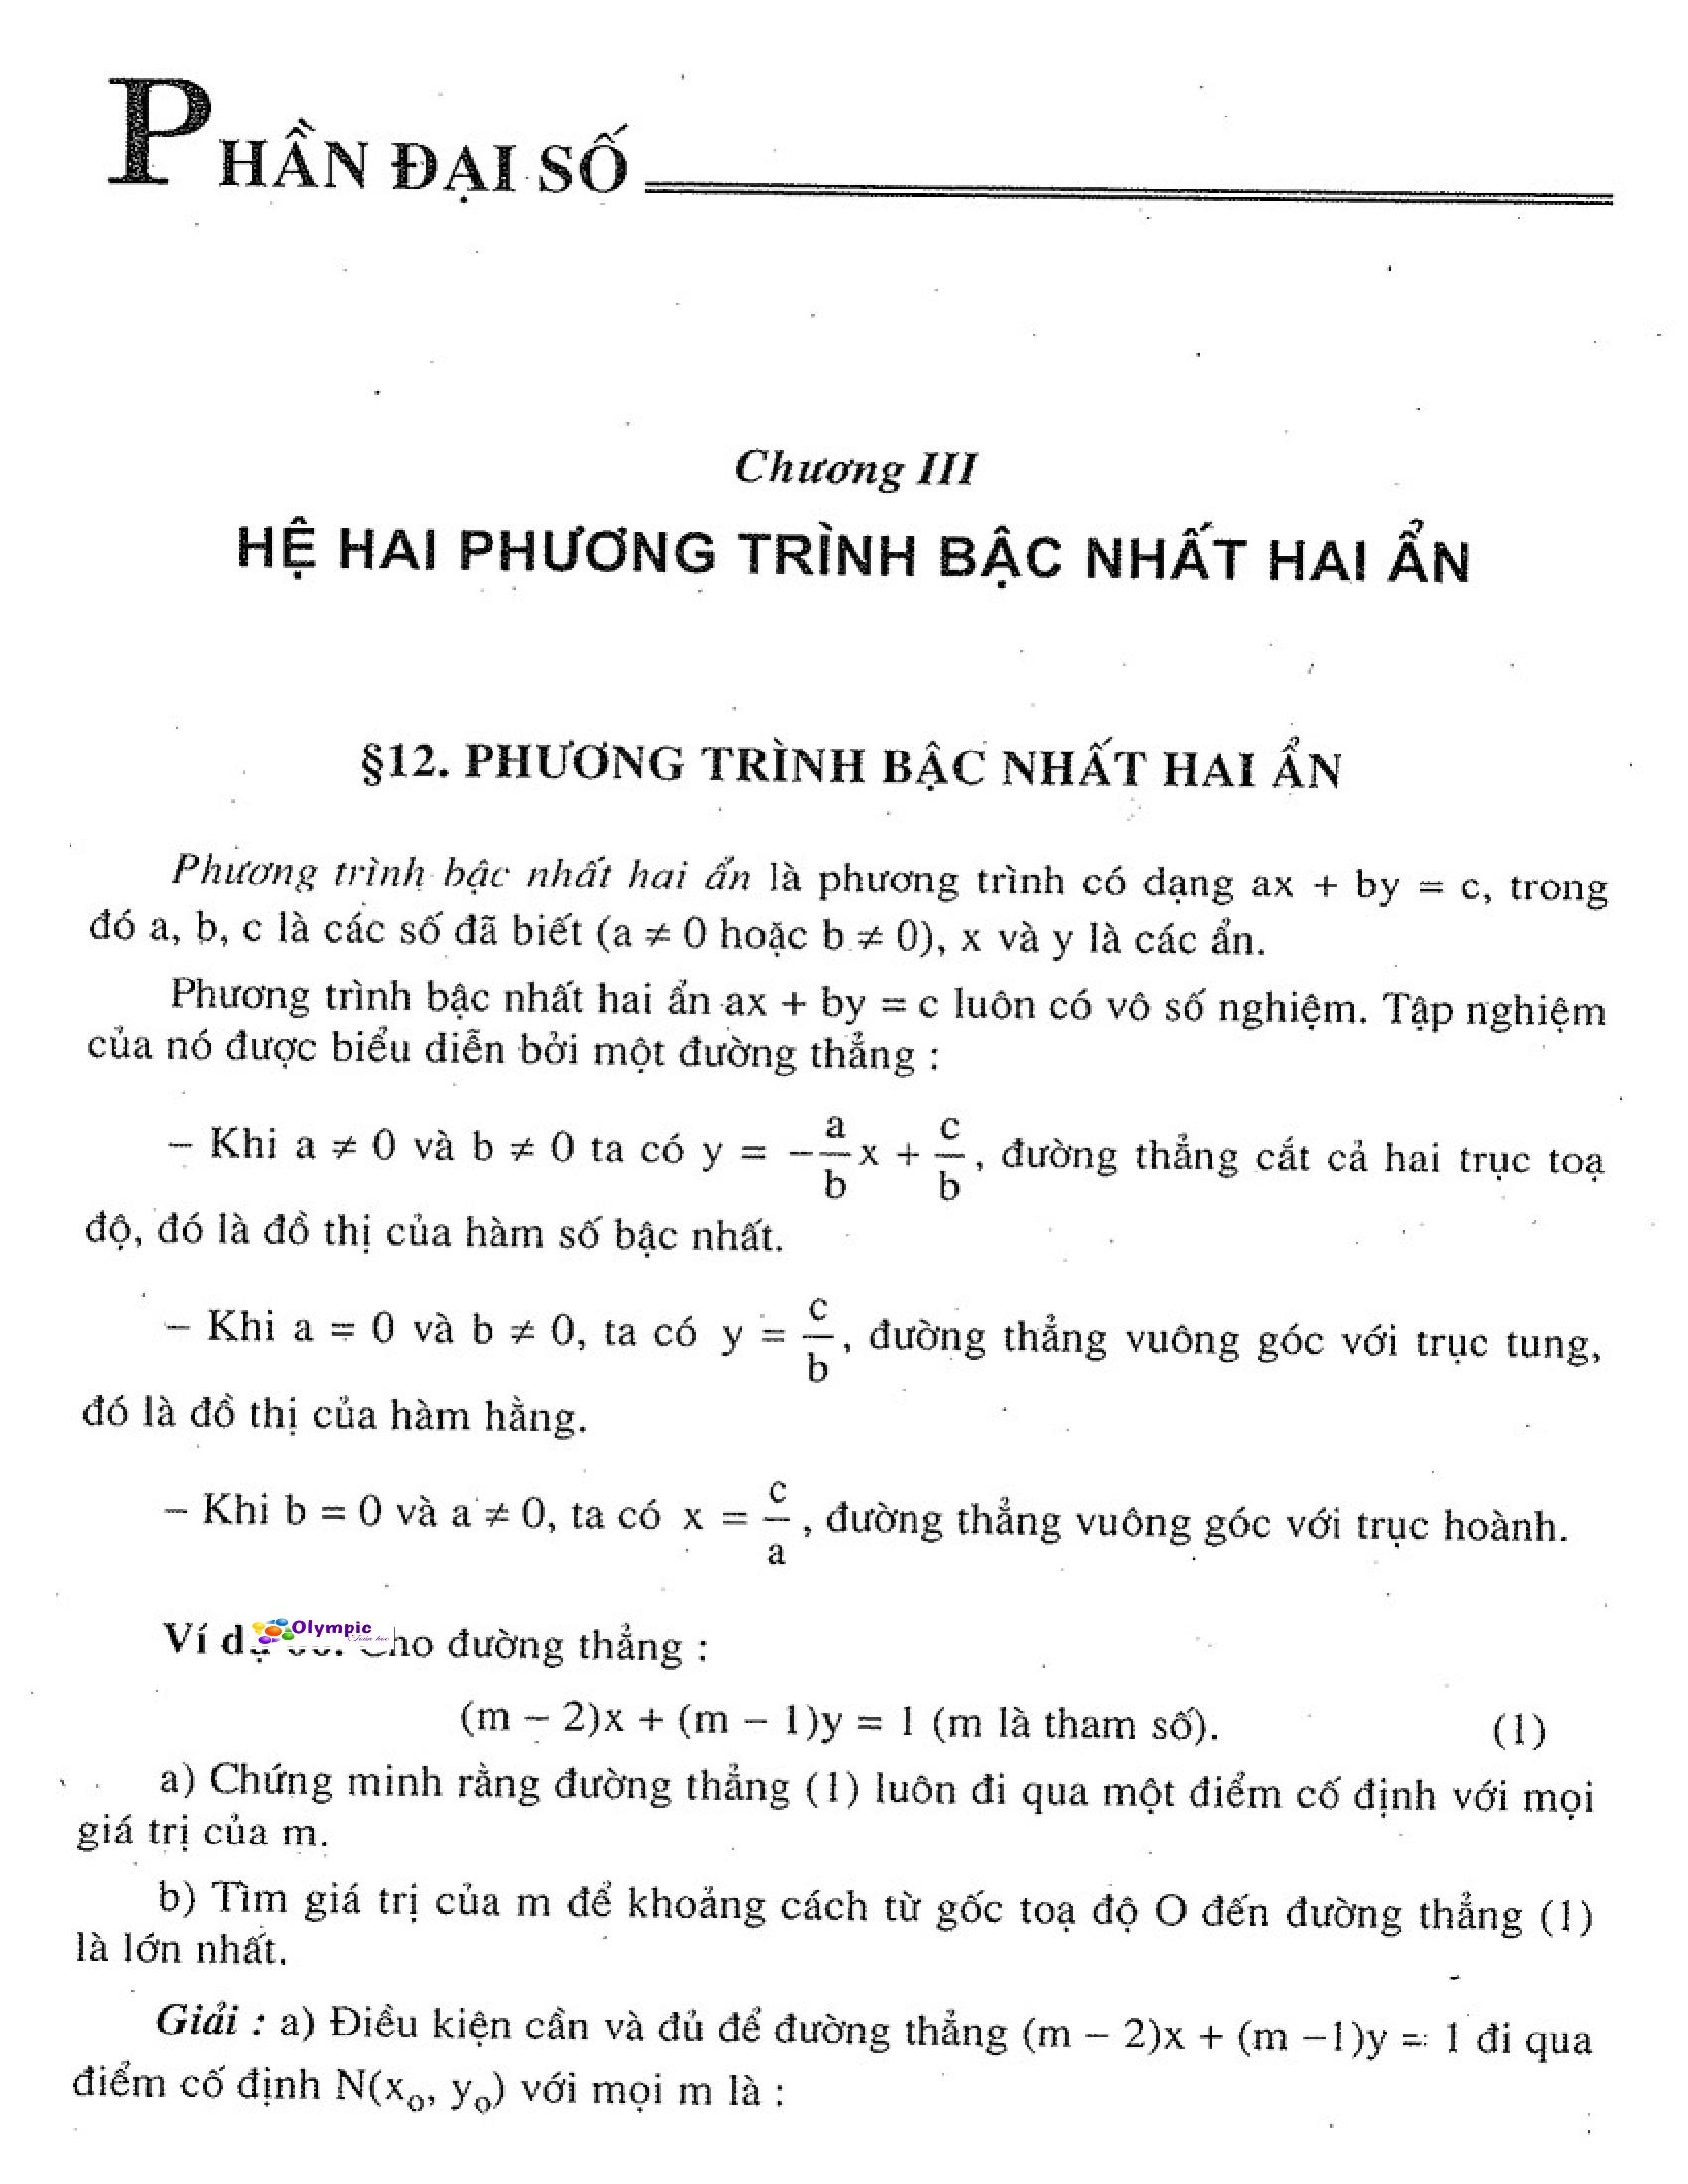 Bộ Tài Liệu Toán Đại Số 9 Nâng Cao HK2 - Tập 2 Hay